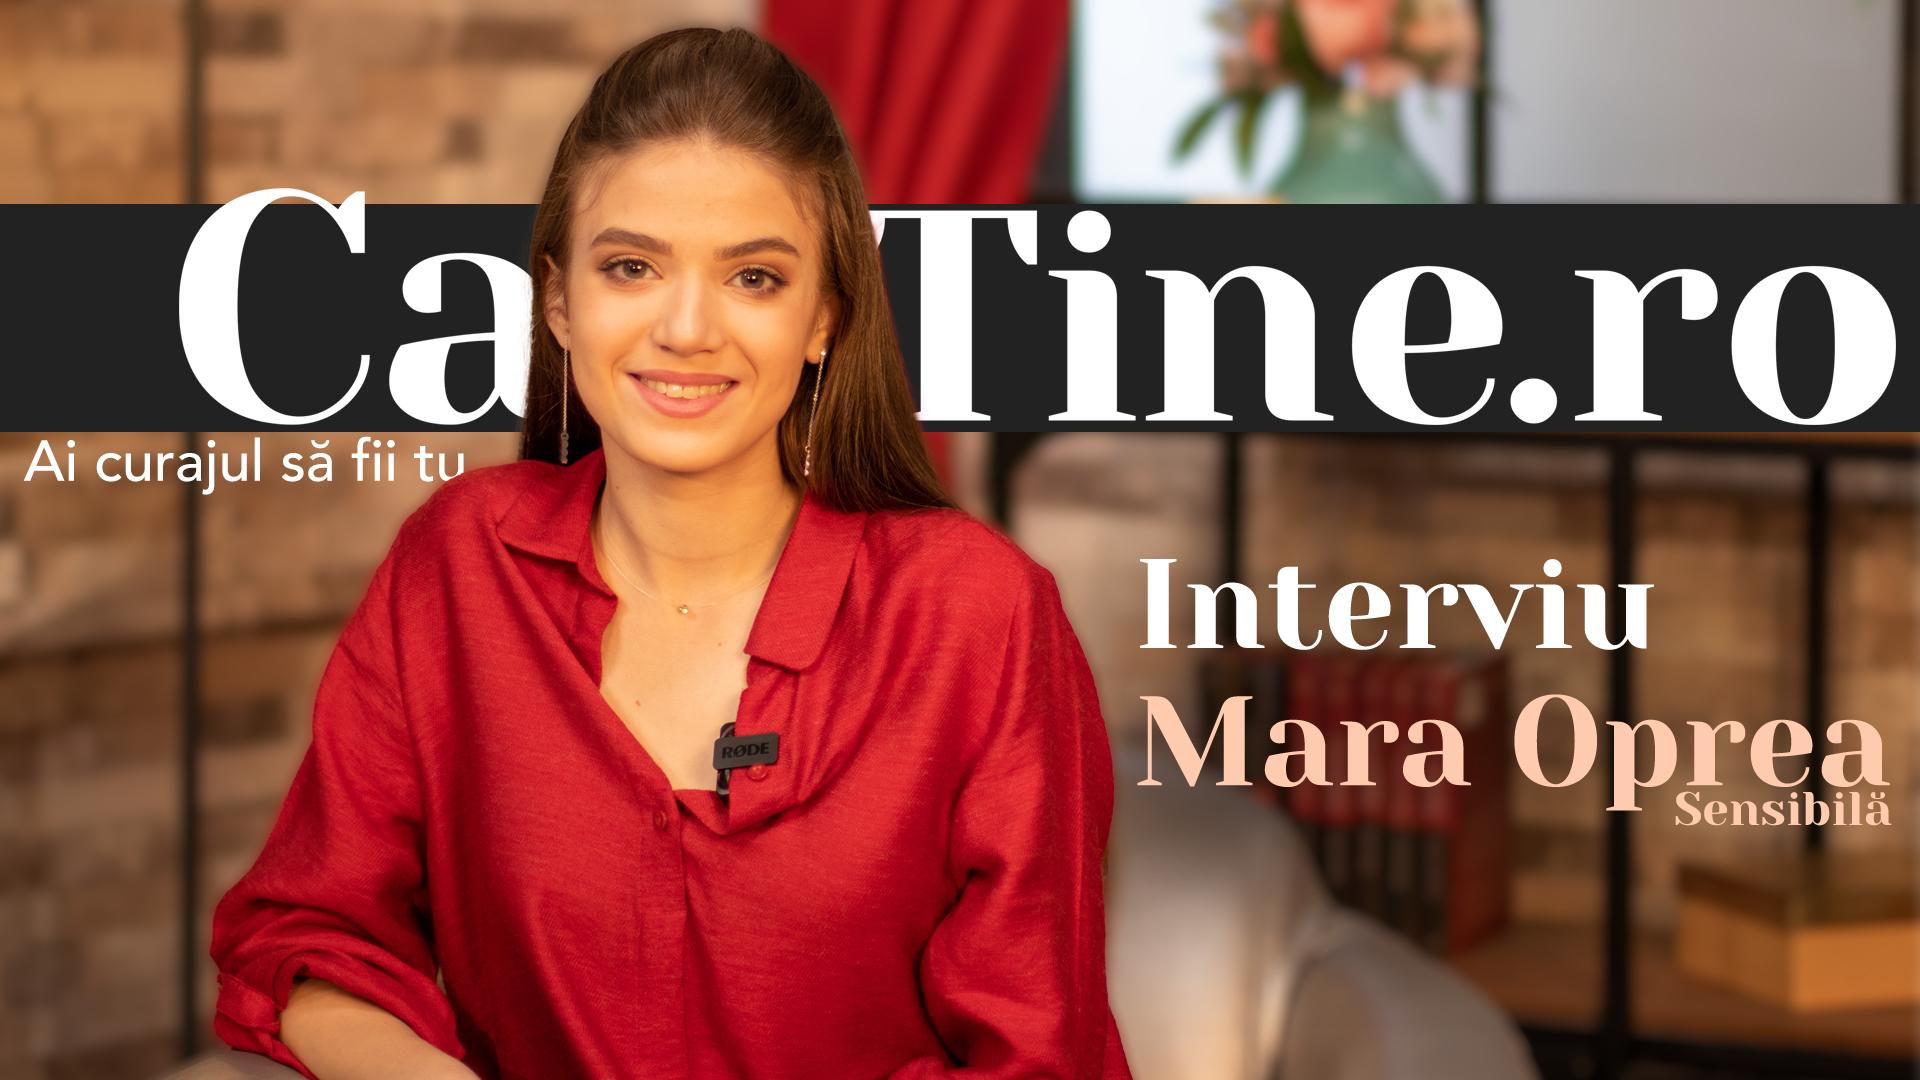 CaTine.Ro - Interviu Mara Oprea - Sensibilă